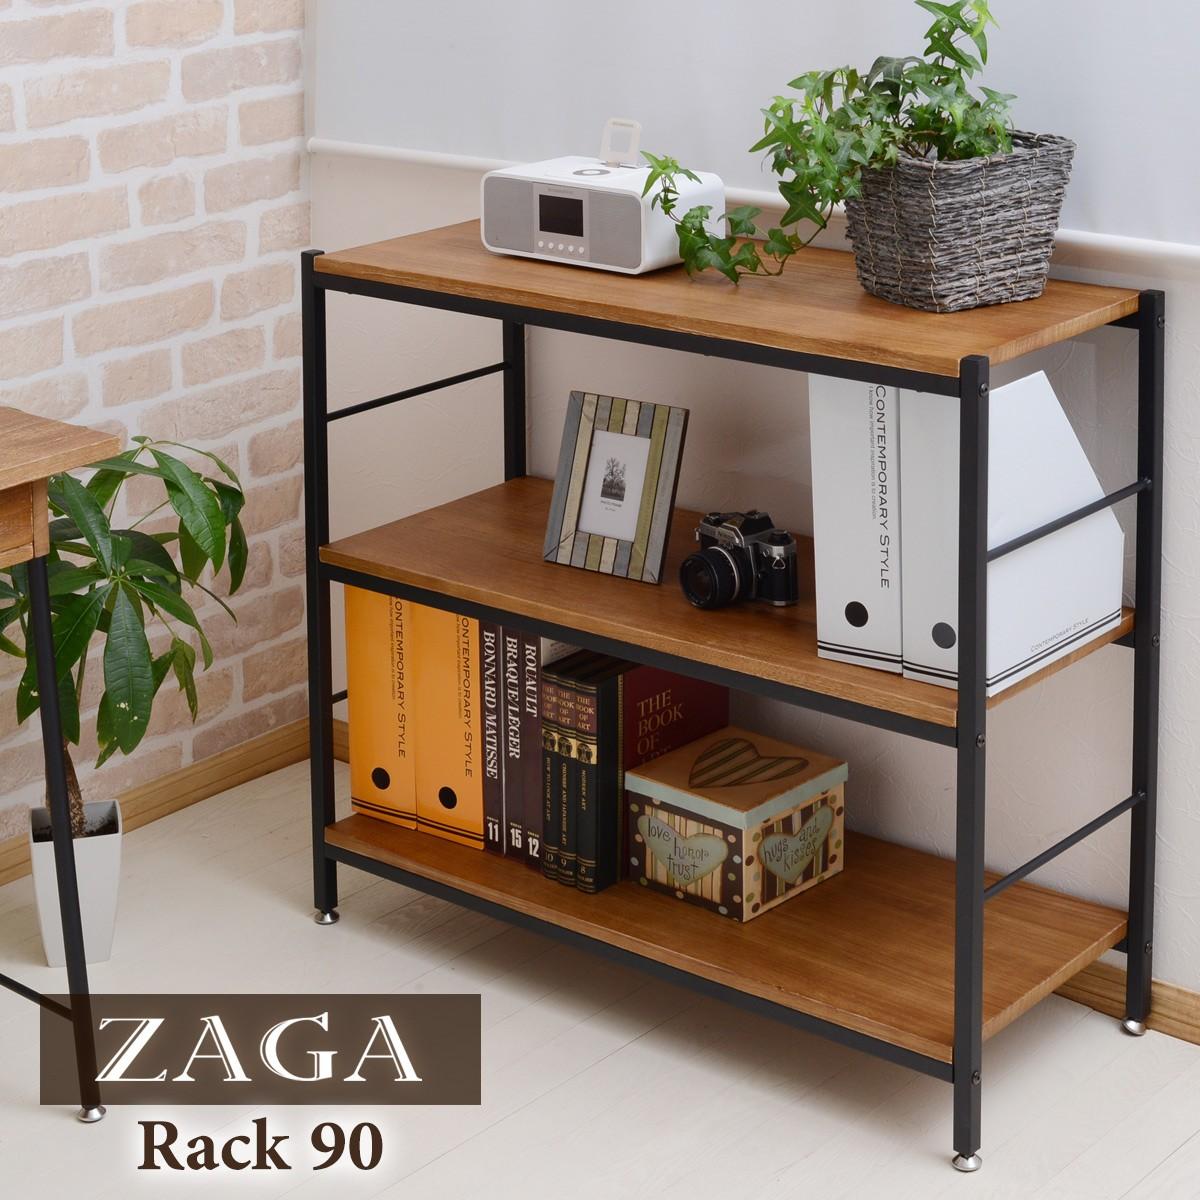 送料無料 ZAGA(ザガ)ラック 幅90 ZR-900 アンティーク風 無垢桐材 ラック 収納 アイアン 木製 ディスプレイ 木製 北欧 シンプル 棚 ディスプレイラック シェルフ 本棚